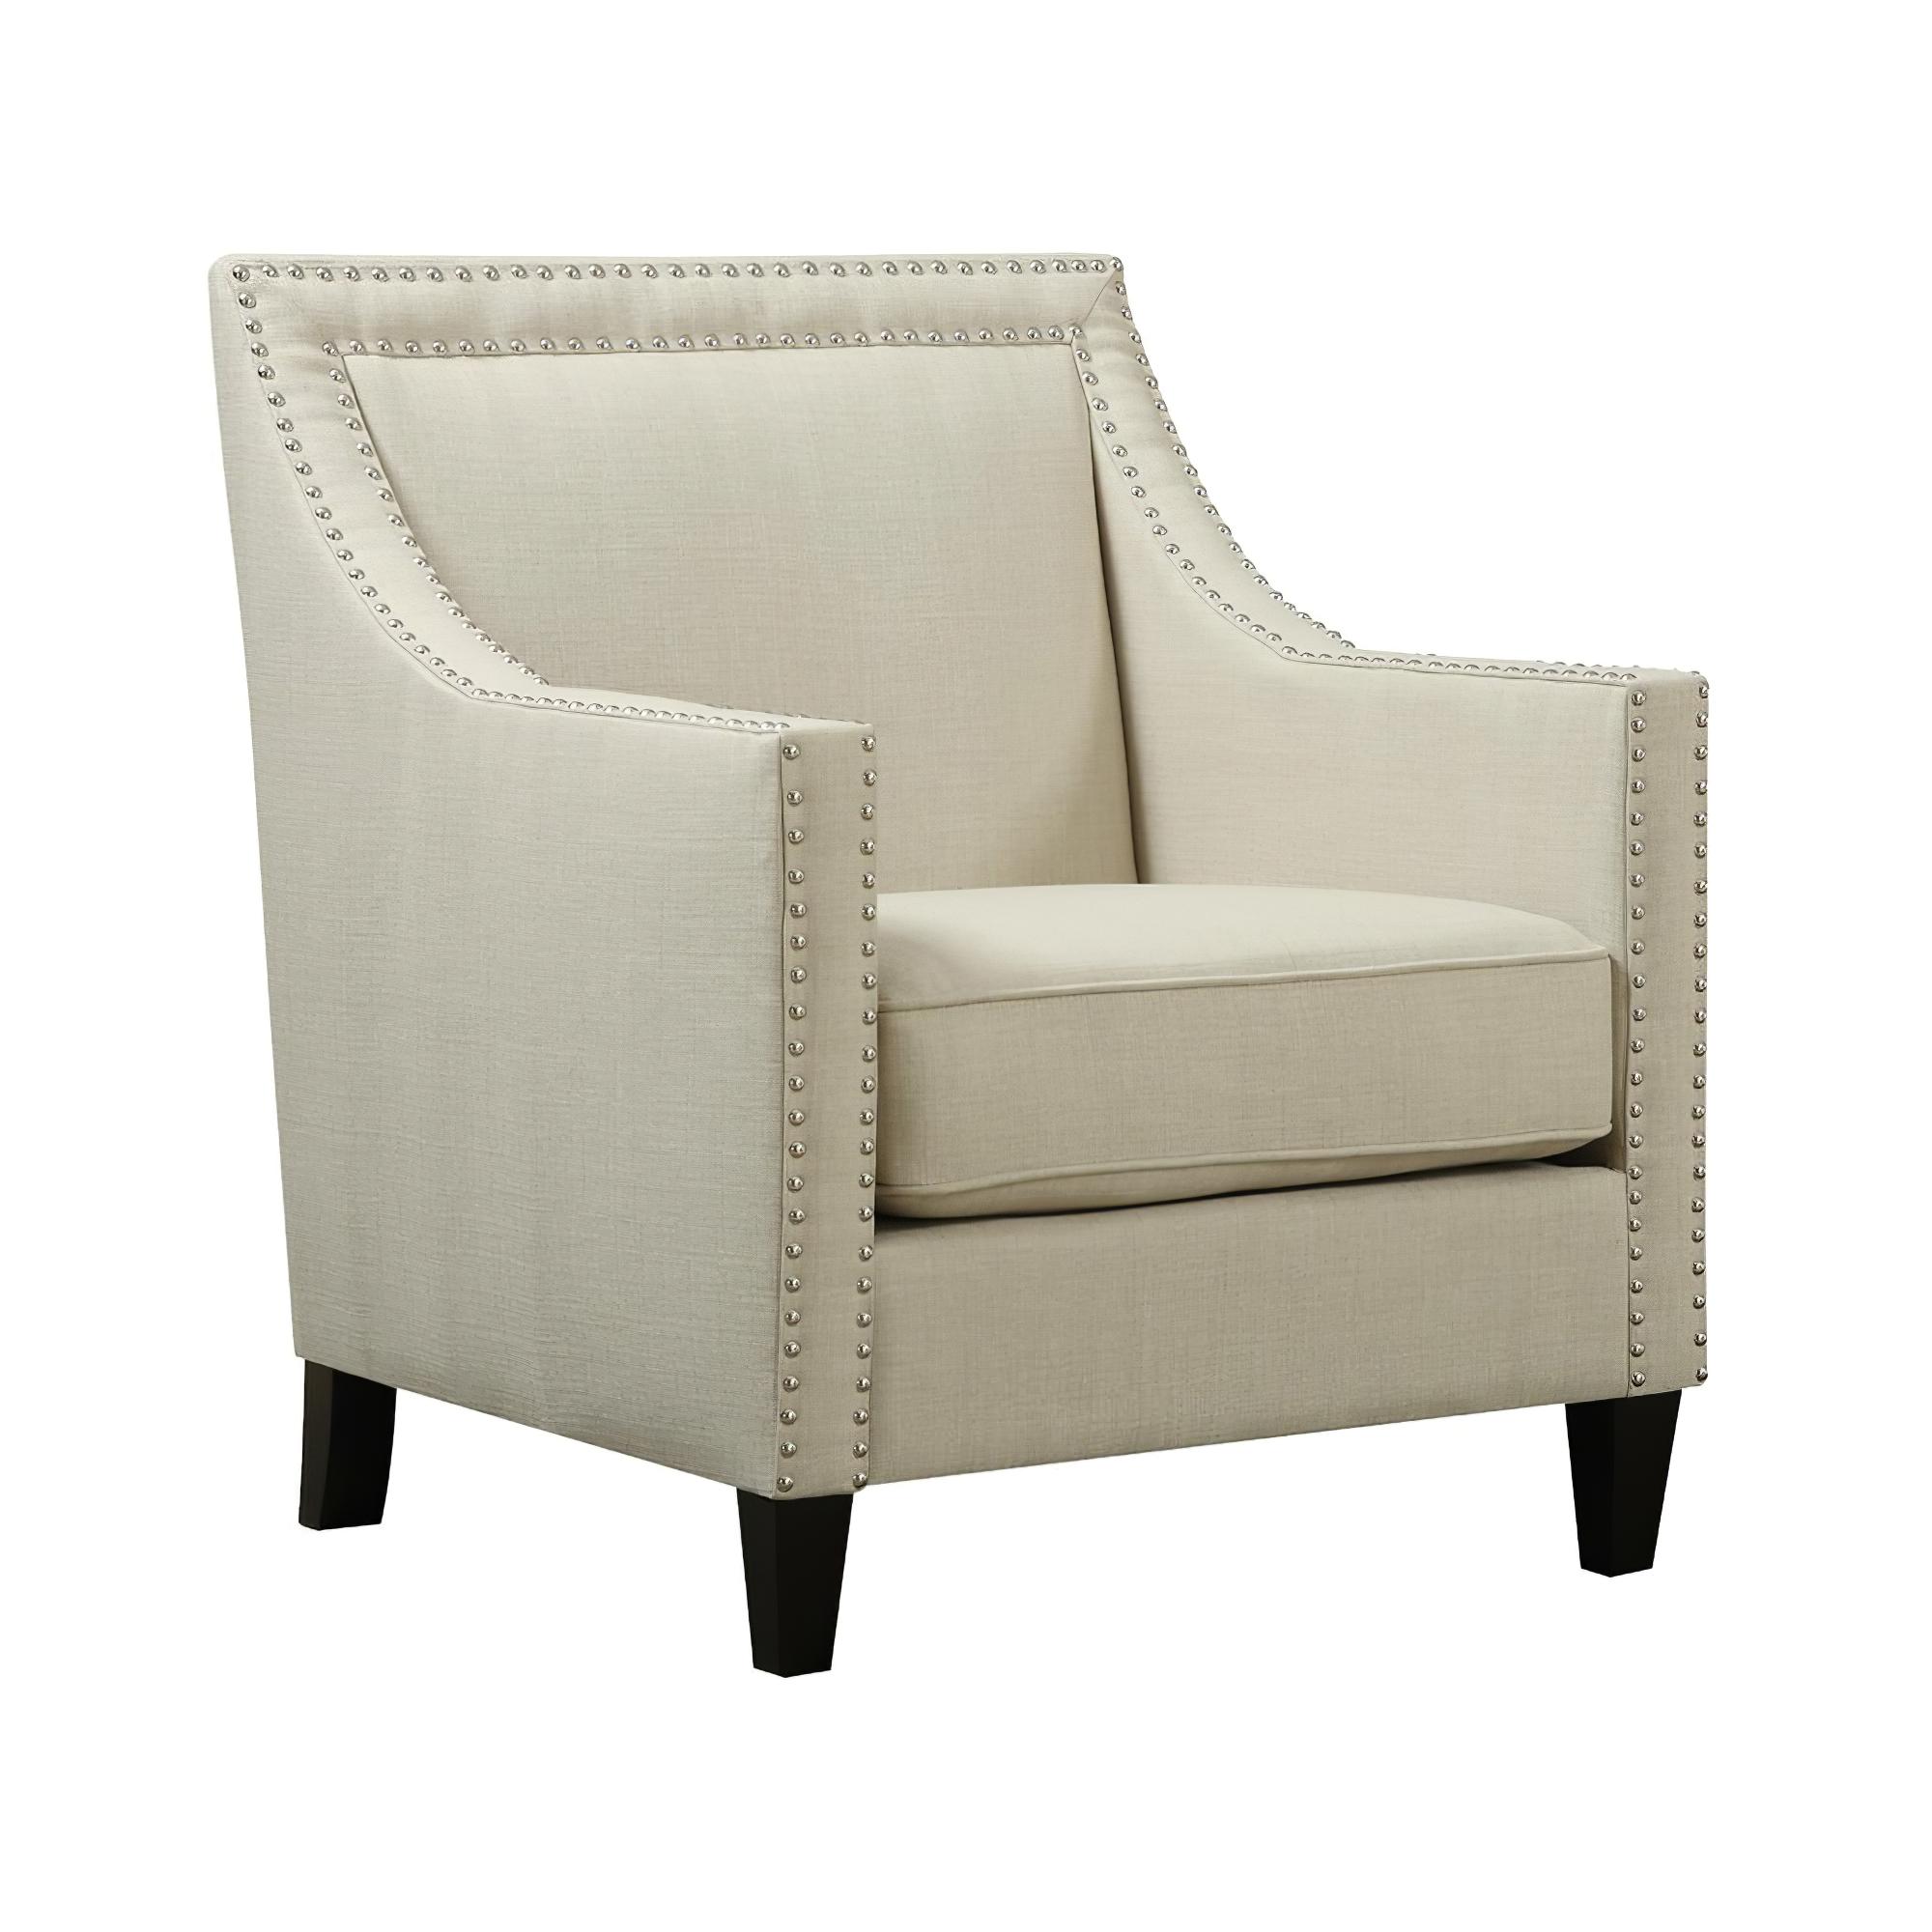 单人沙发椅小户型卧室高背椅阳台休闲沙发